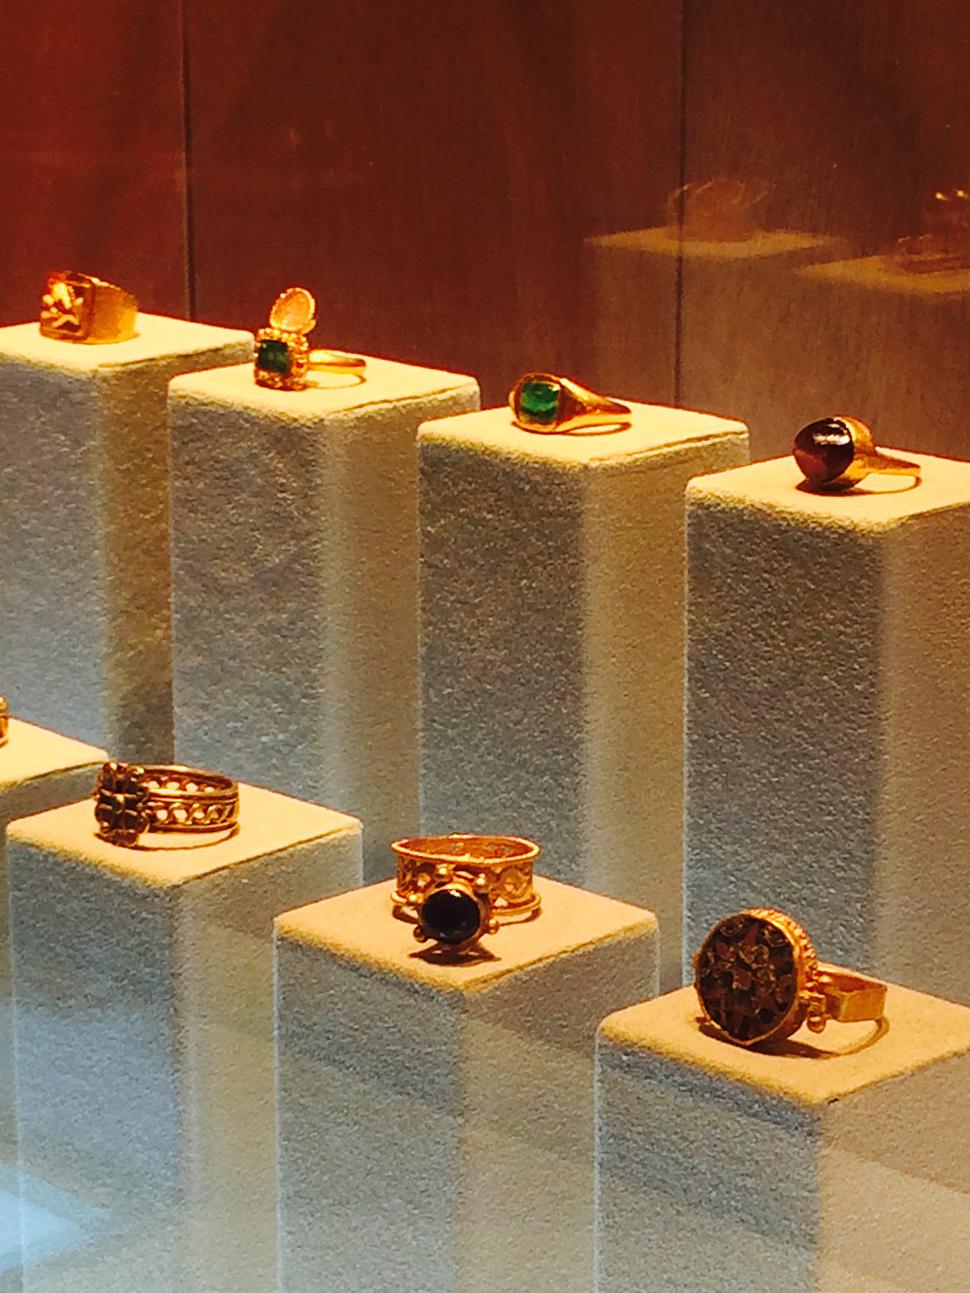 로마 비잔틴 시대의 반지들은 구매하게 되면 사이즈에 맞게 세공도 가능하다.